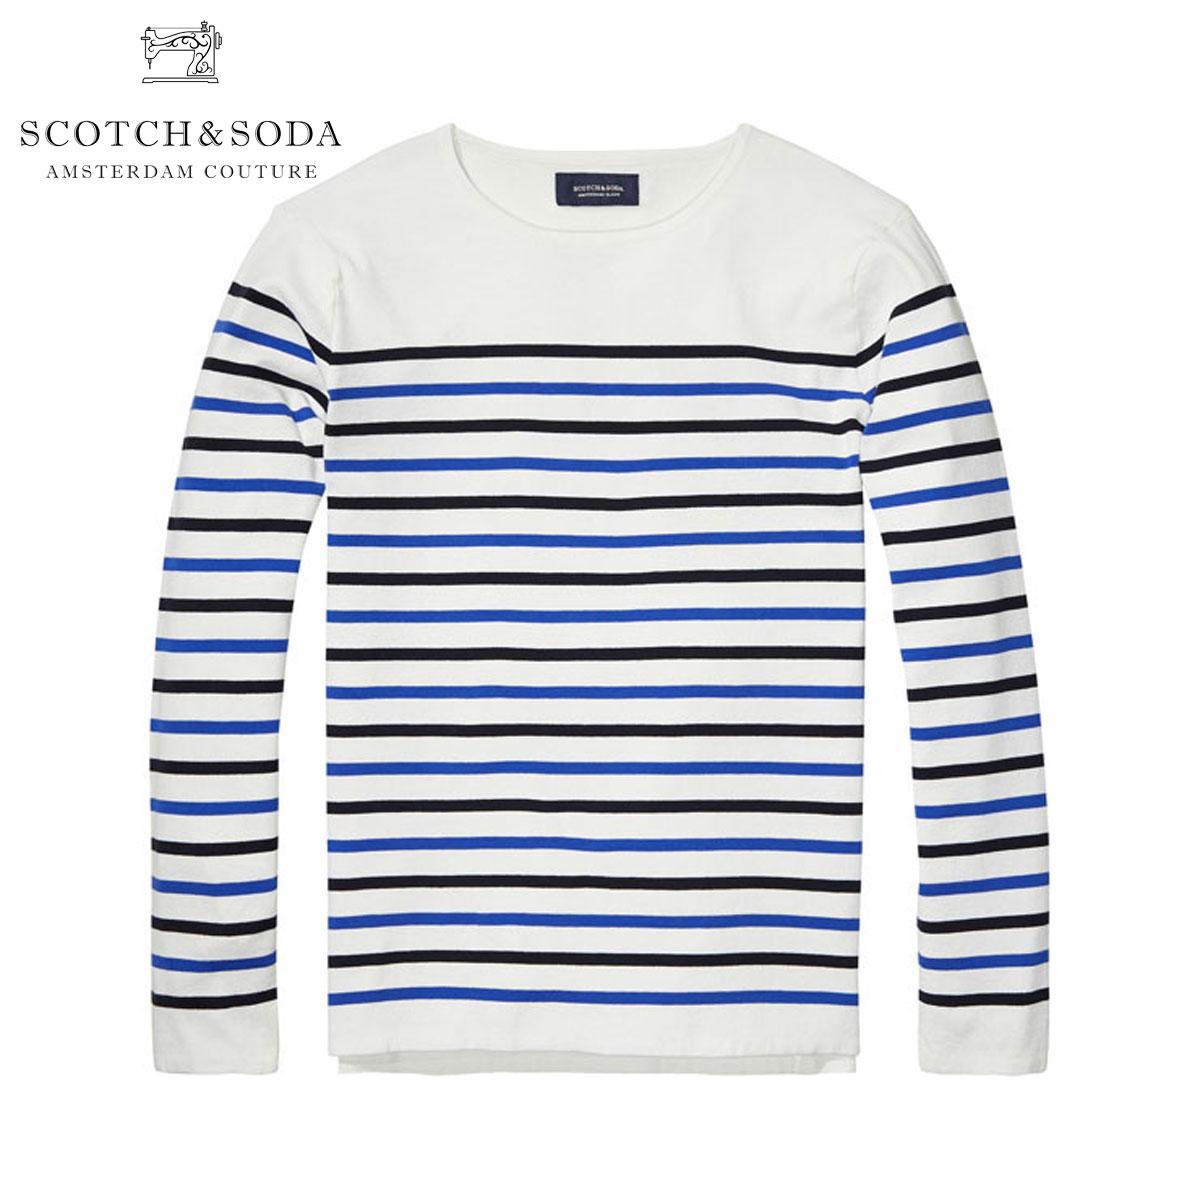 スコッチアンドソーダ SCOTCH&SODA 正規販売店 メンズ セーター Uni Blauw Breton Stripe Knit 100624 A1 D00S20